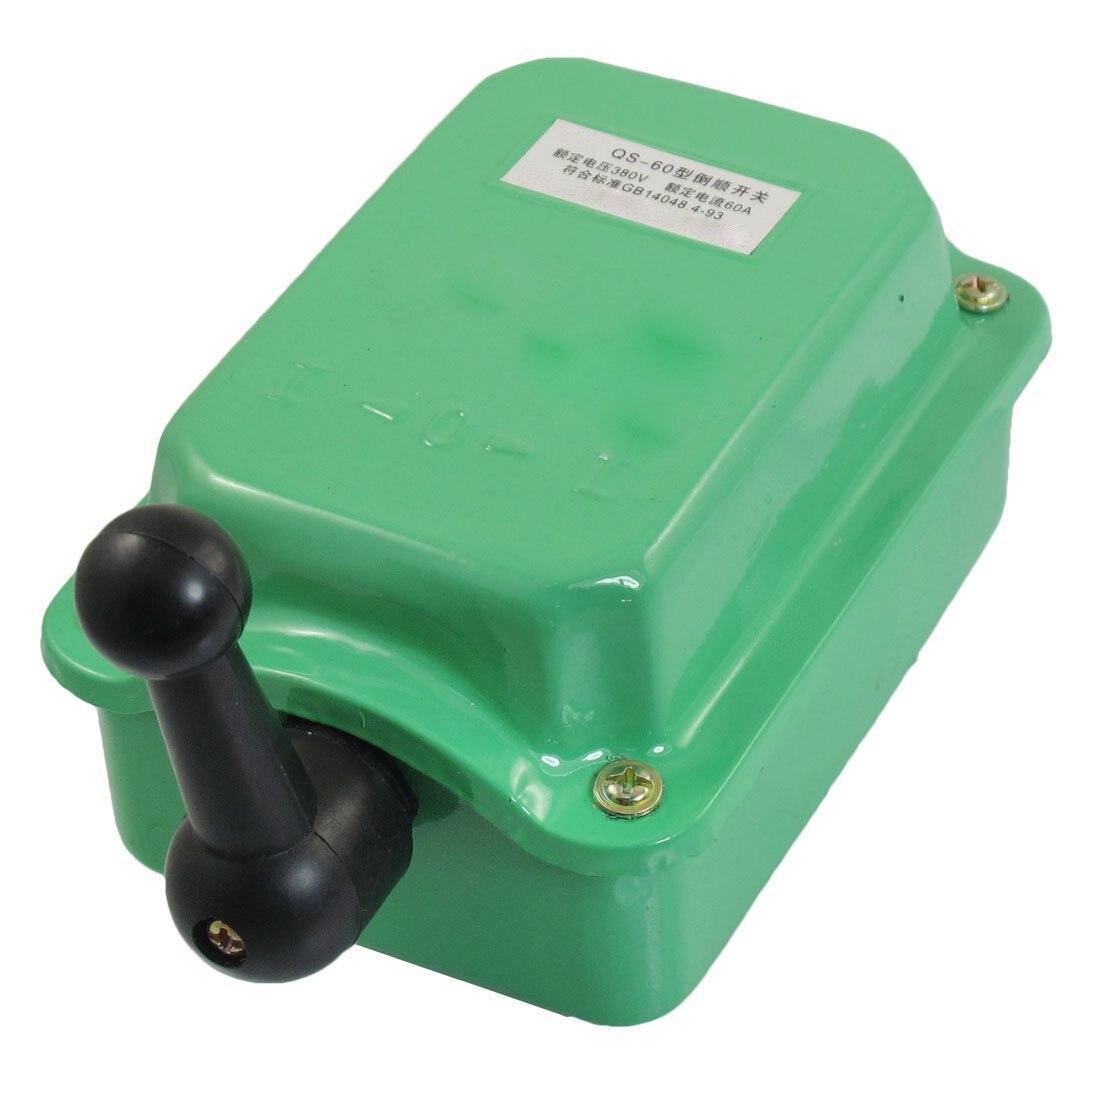 AC 380 v 60A Avanti Arresto Reverse Motore Cam Starter Commutatore QS-60 VerdeAC 380 v 60A Avanti Arresto Reverse Motore Cam Starter Commutatore QS-60 Verde